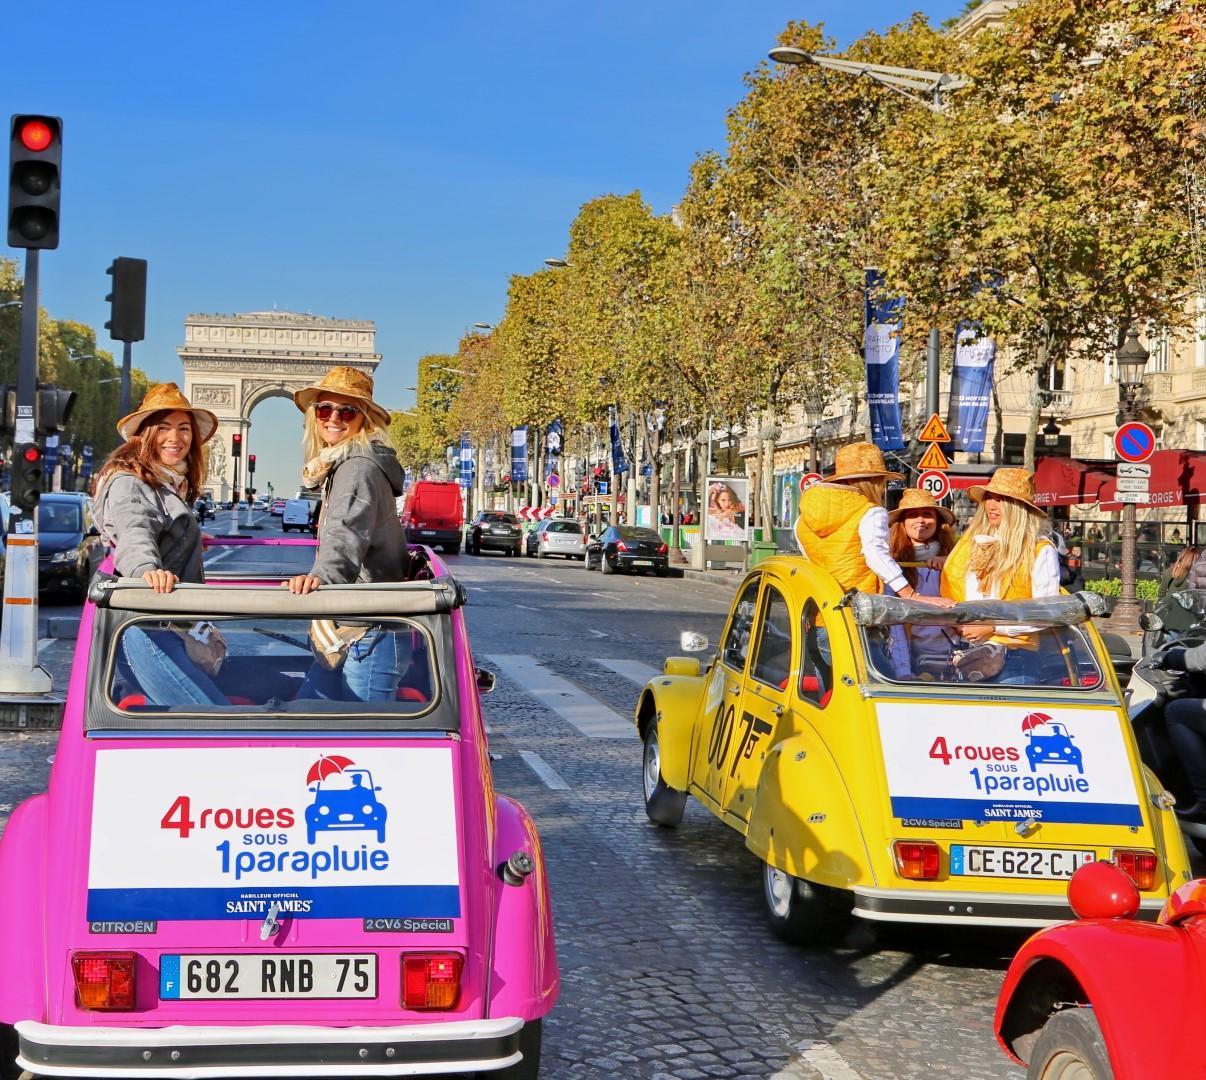 Donnavventura: alla scoperta di Parigi con la mitica 2CV